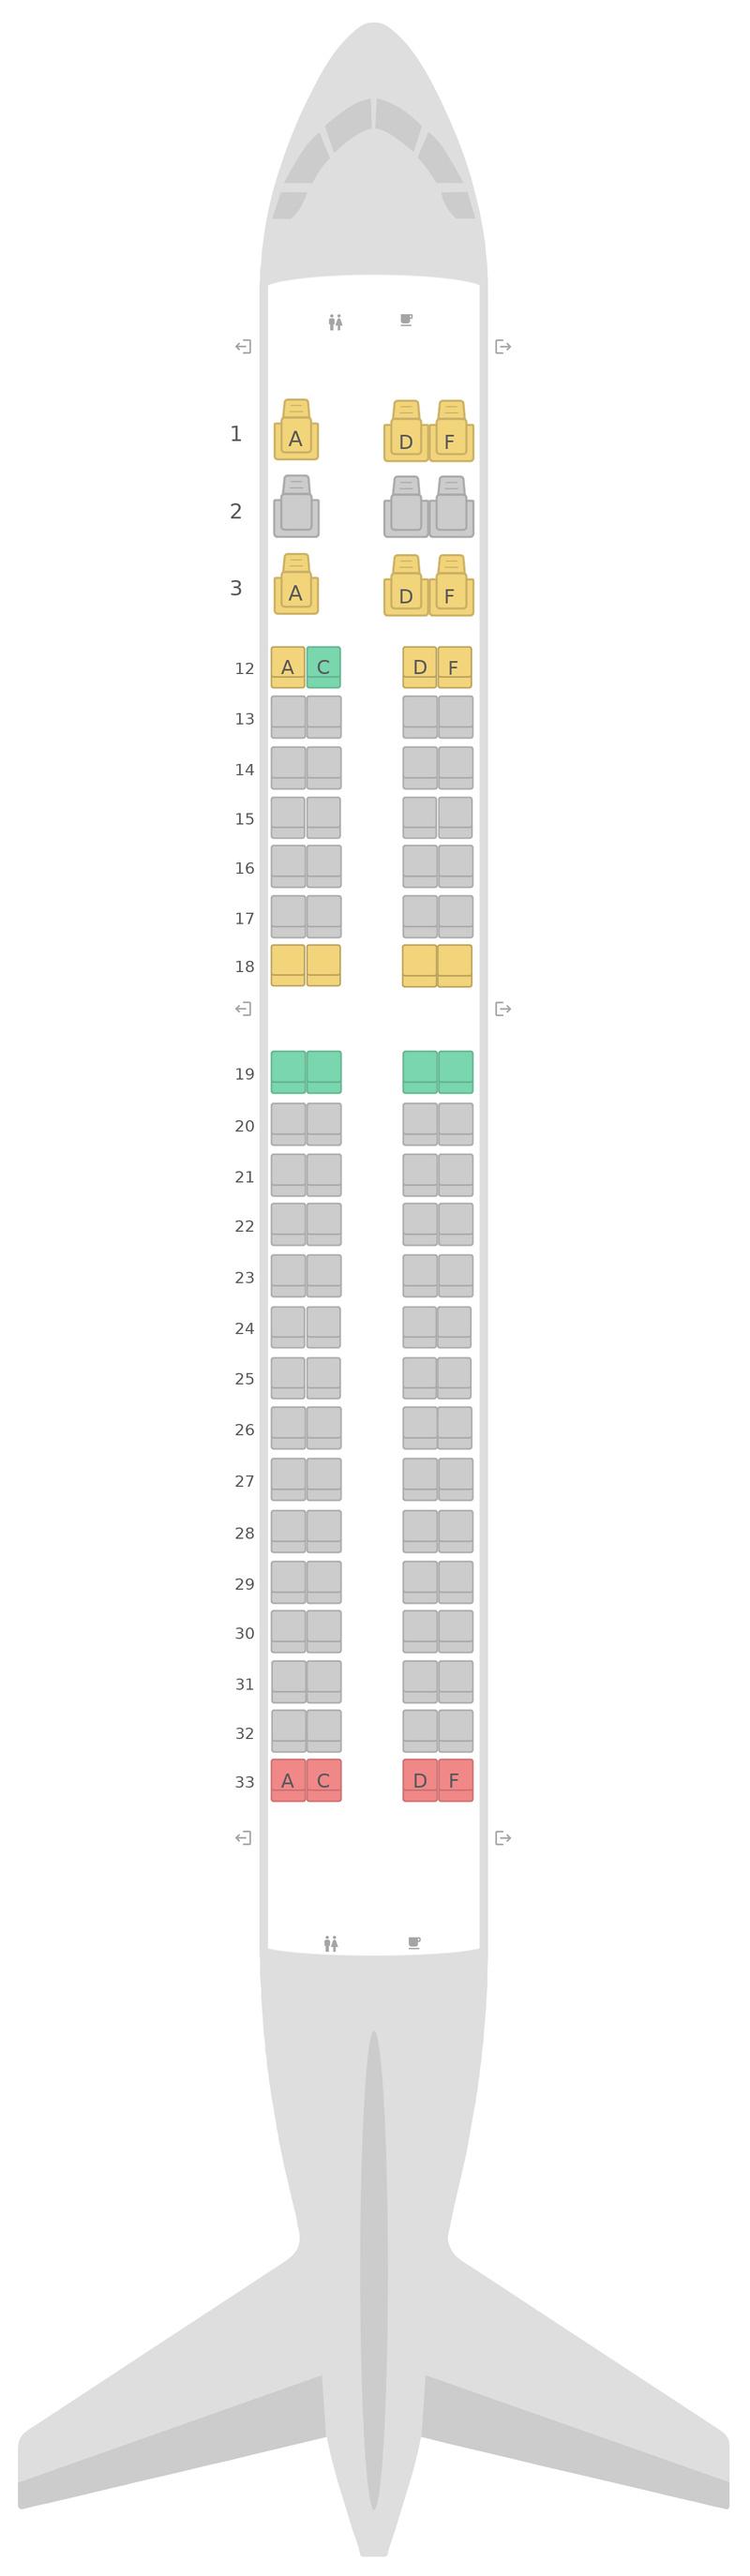 Mapa de asientos Embraer E190 (E90) Air Canada